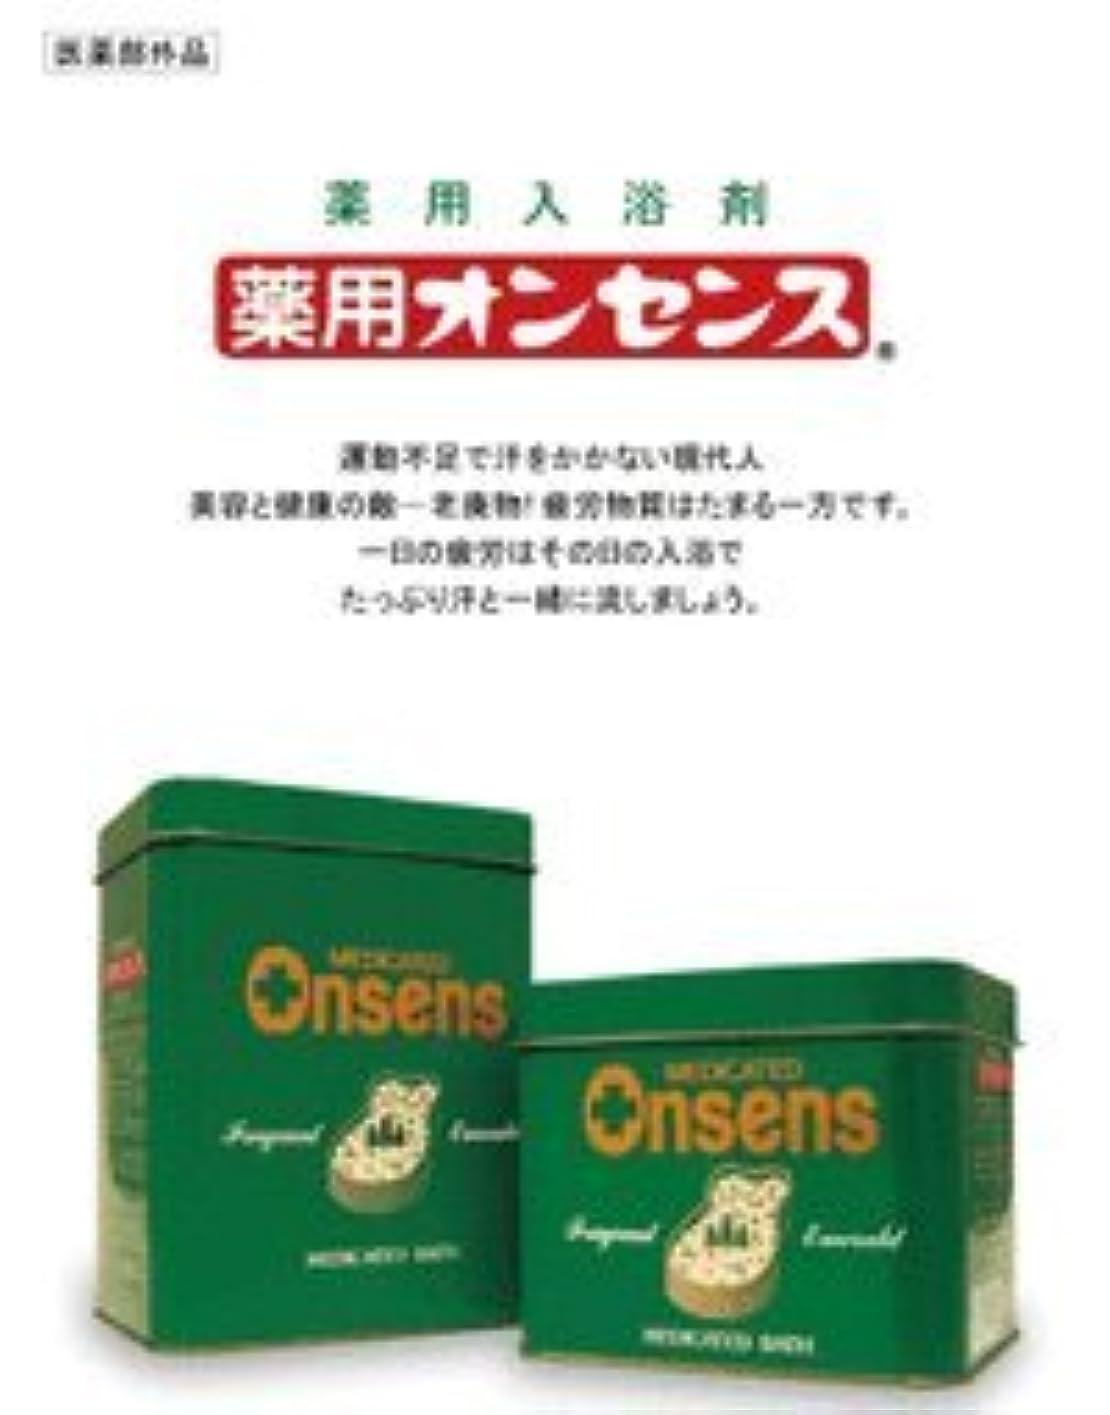 コテージ司法建築家薬用オンセンス 1.4kg缶 薬用入浴剤 松葉エキス(松柏科植物の製油) 入浴剤 医薬部外品